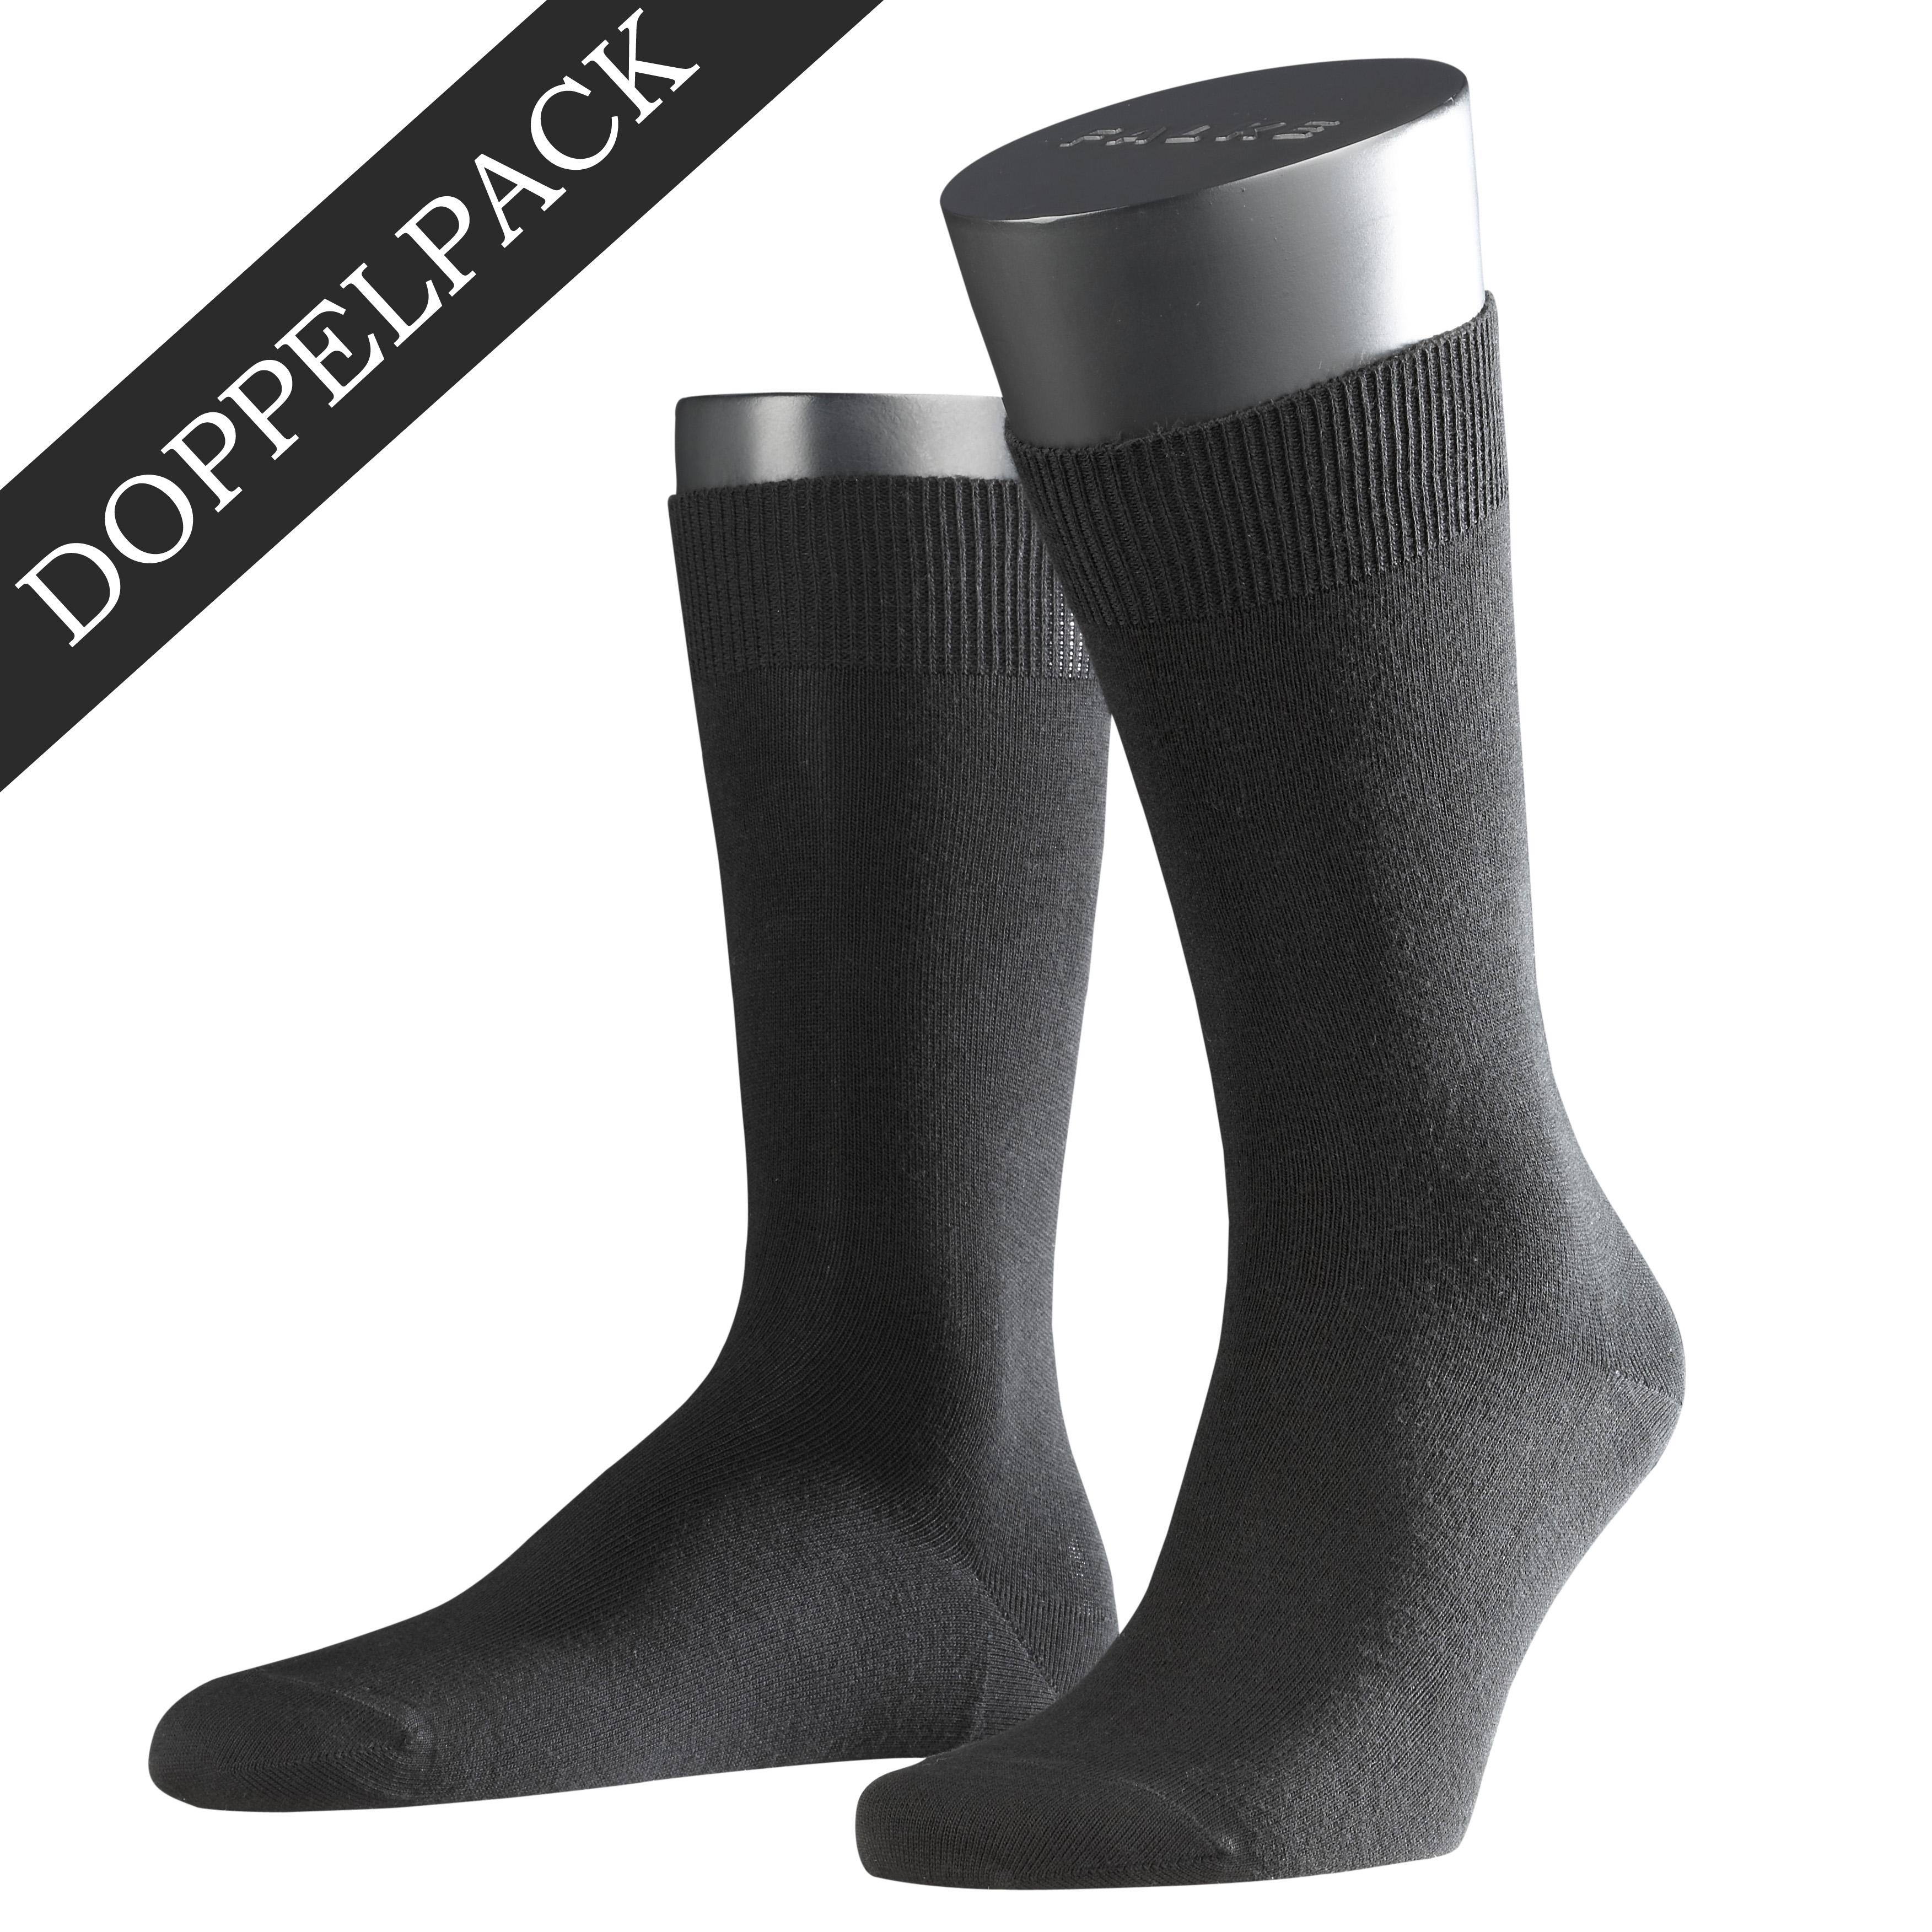 Falke Doppelpack Socke Swing schwarz 14633 - 3000 Basic Baumwolle